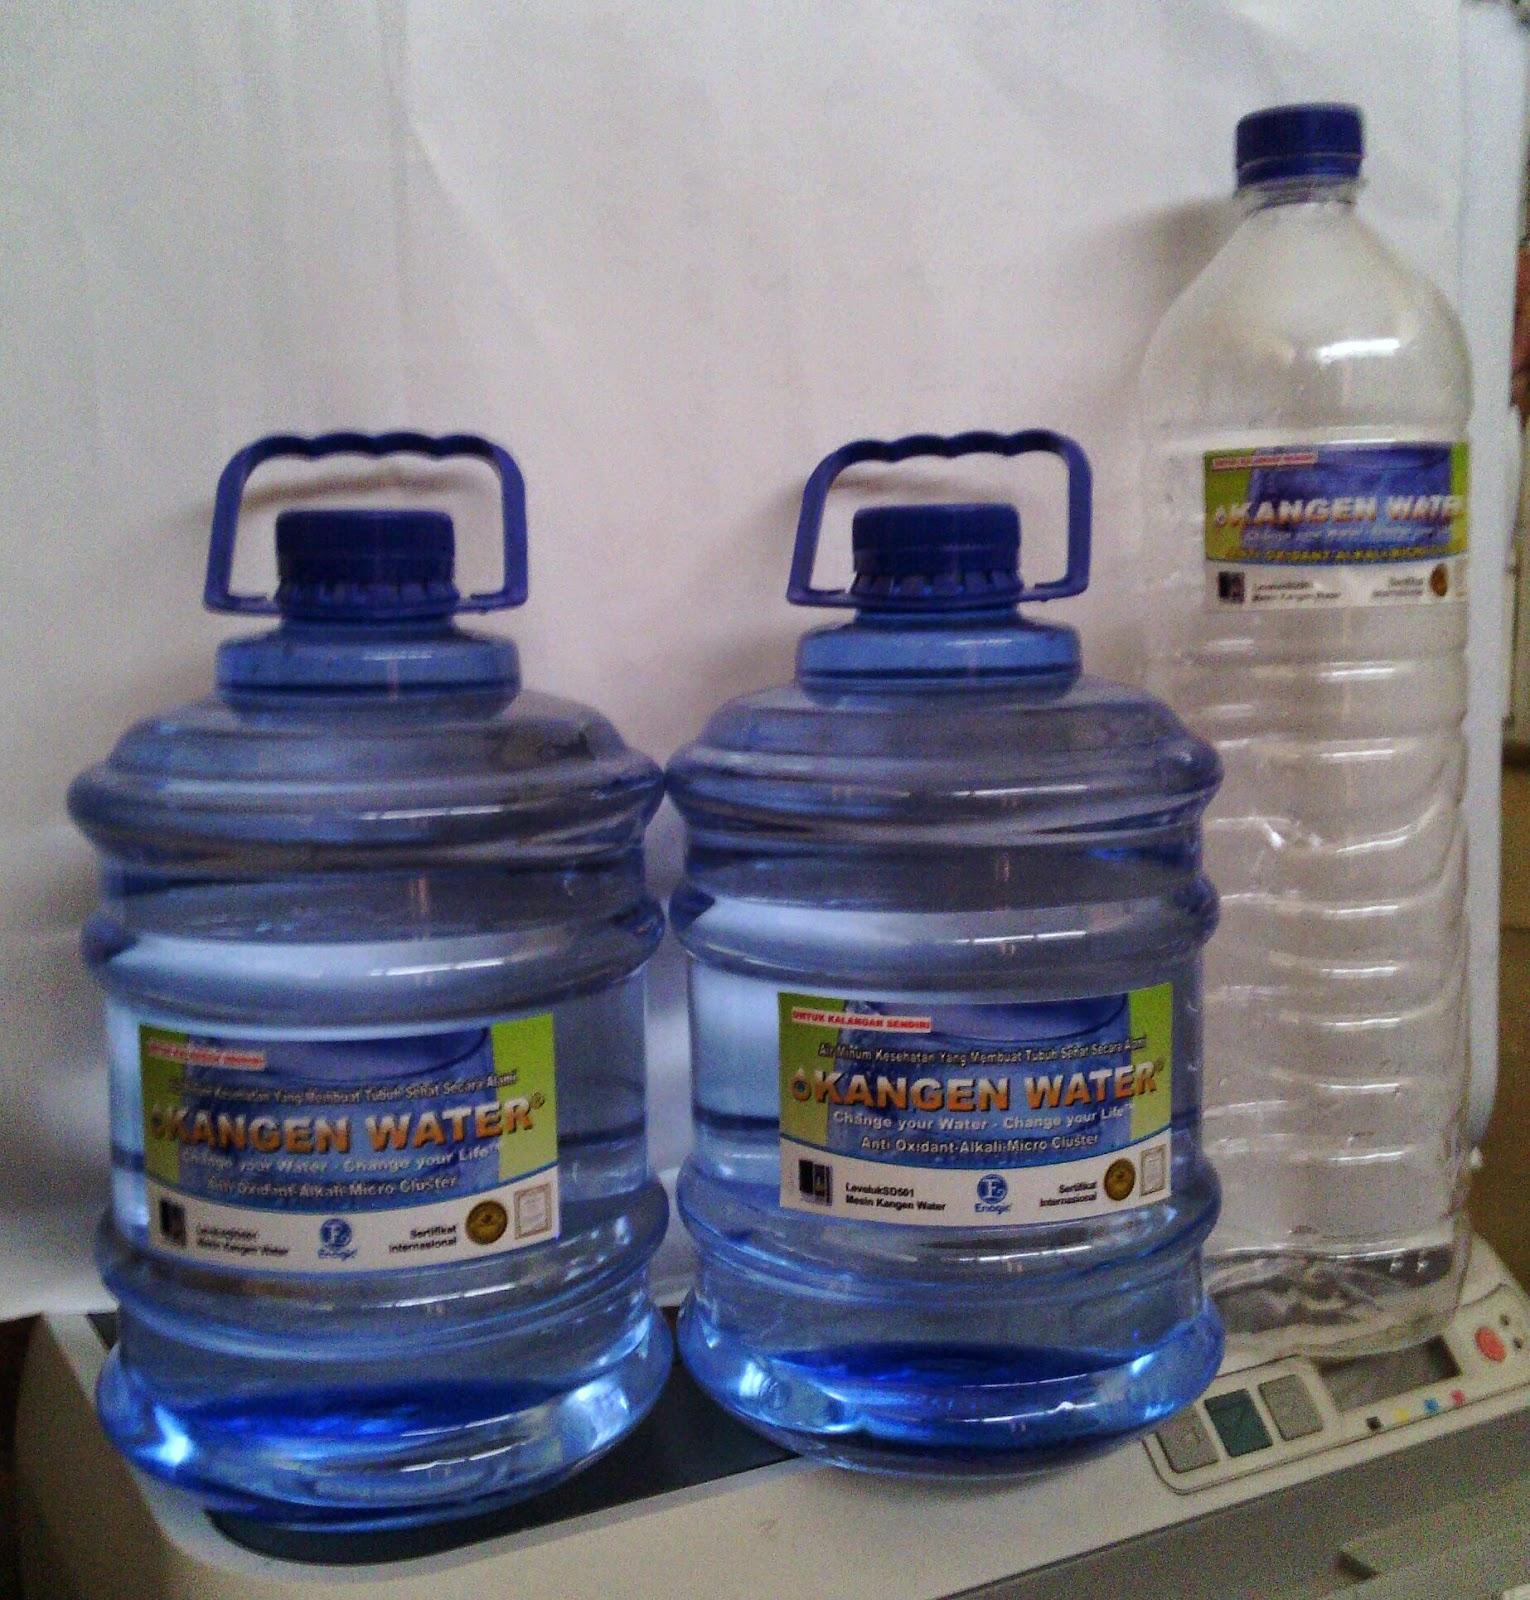 Soluso Cerdas Air Minum Kesehatan: KANGEN WATER : Solusi